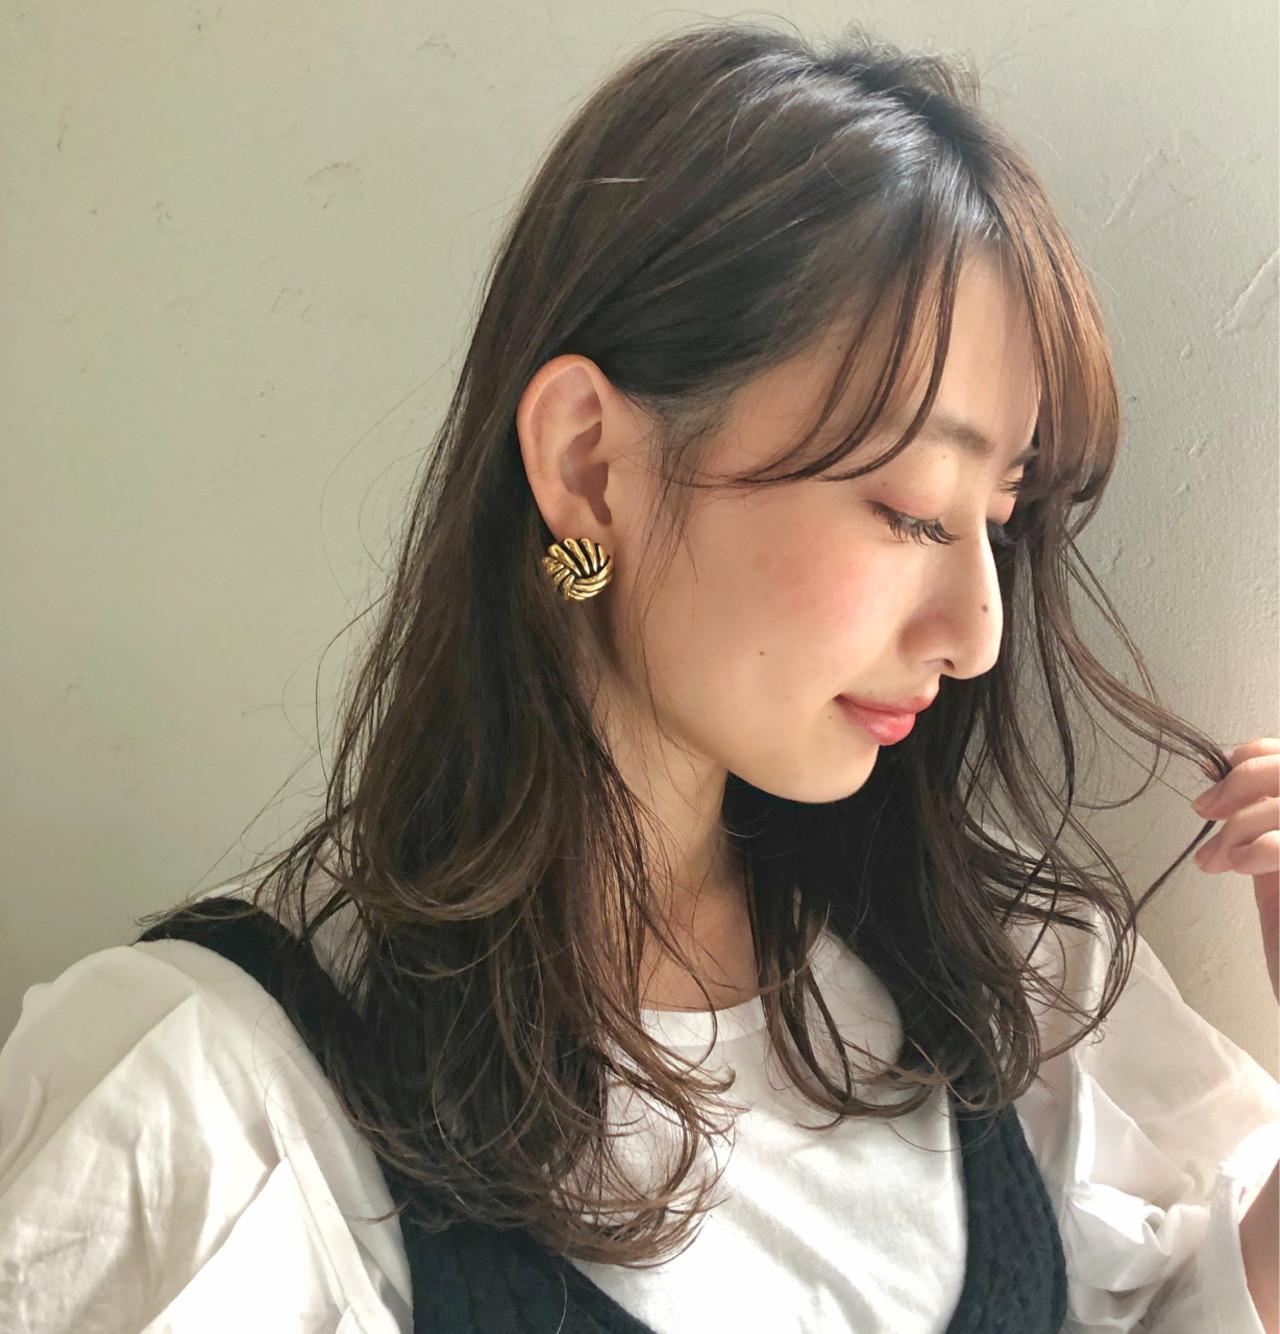 オフィス 女子力 コンサバ フェミニン ヘアスタイルや髪型の写真・画像 | [新宿]内田航 柔らかストレートとミディアムボブ / joemi by unami